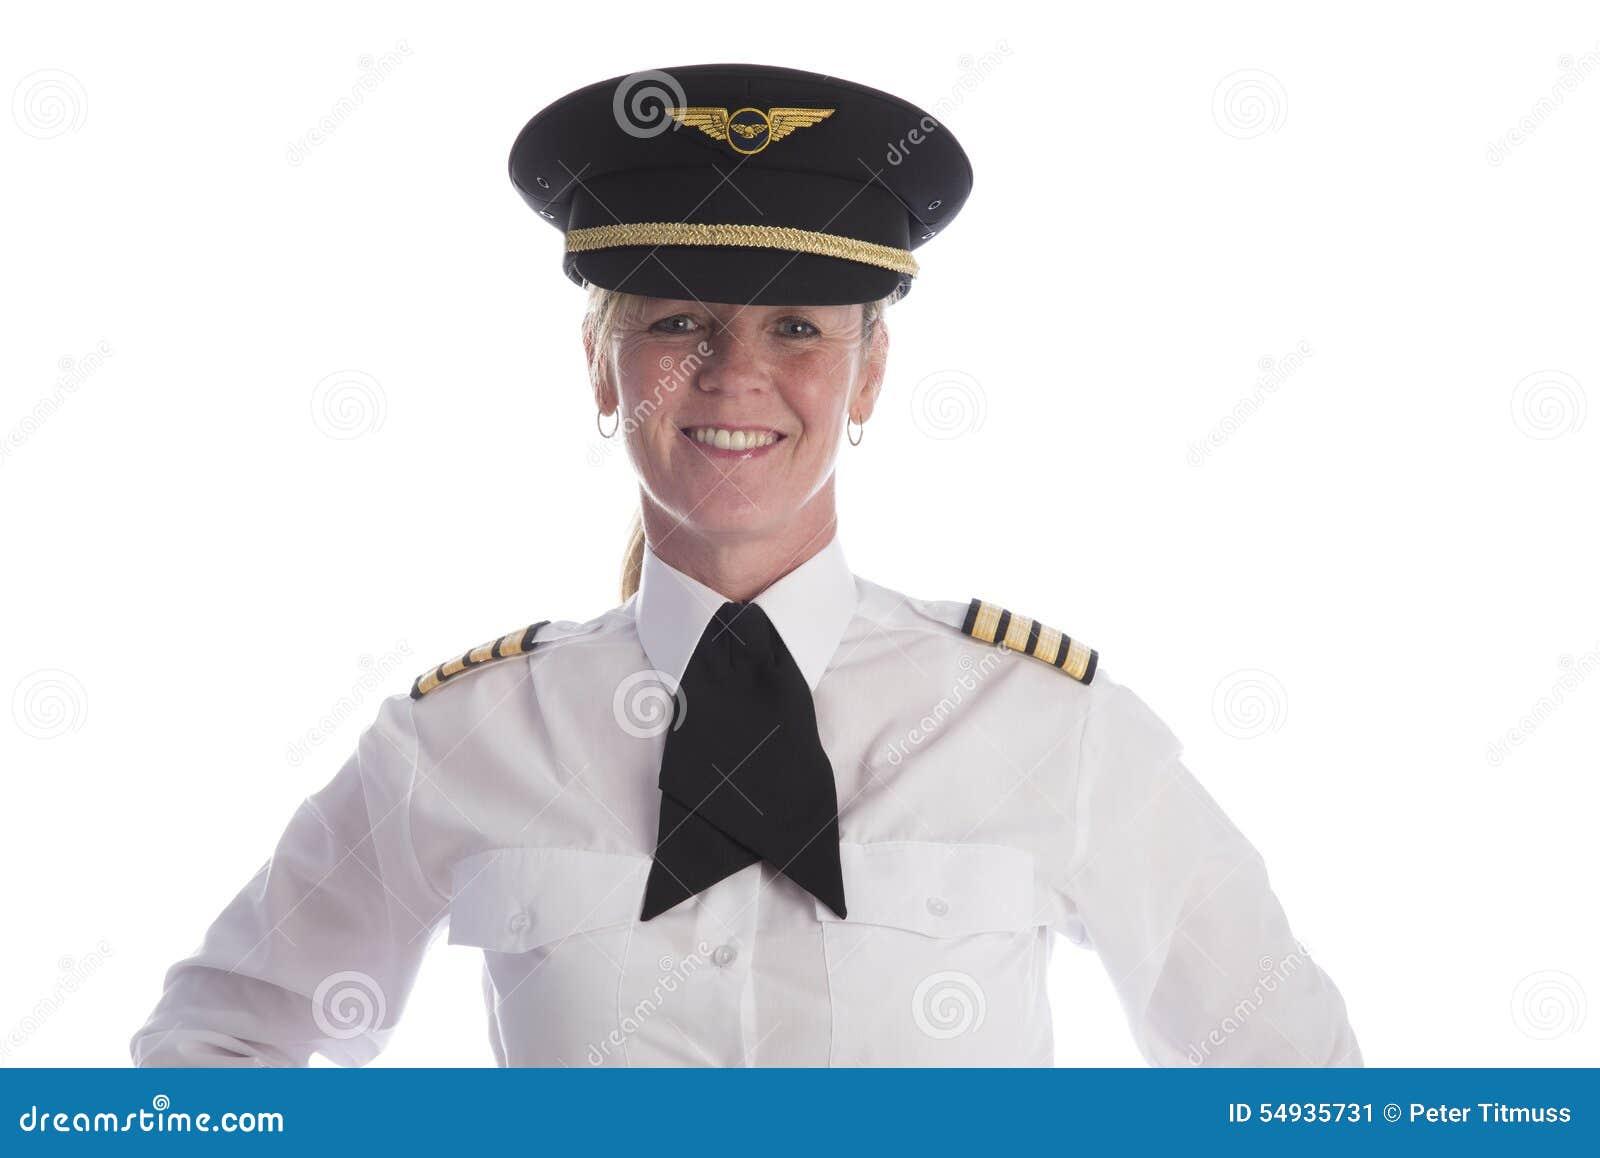 Pilot- bärande enhetlig hatt för kvinnlig